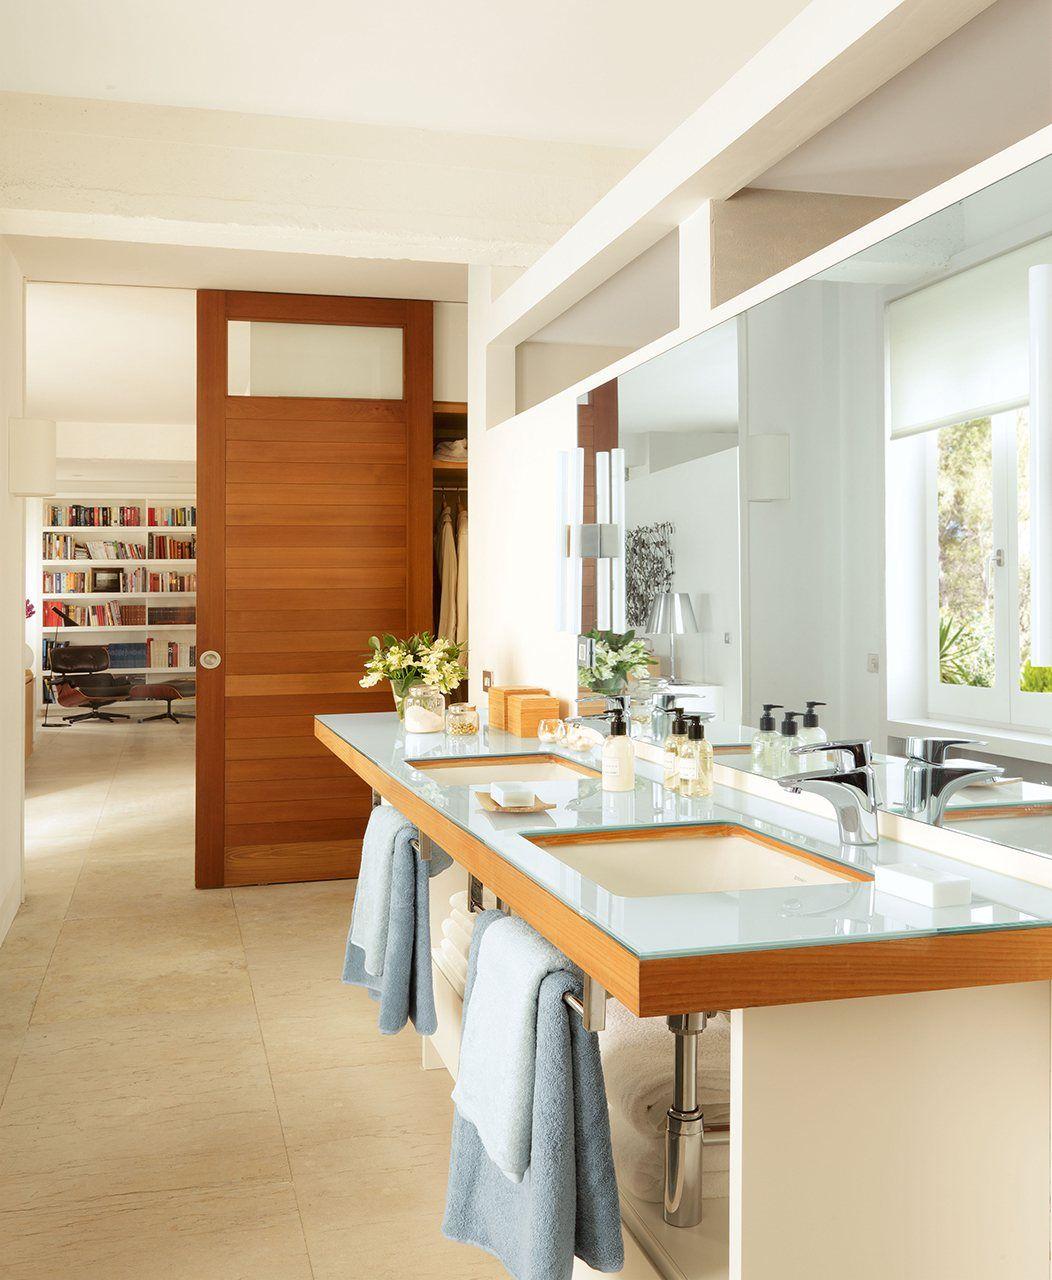 Puertas correderas espacio sin barreras ba os bathrooms glass door doors y home decor - Puerta corredera bano ...